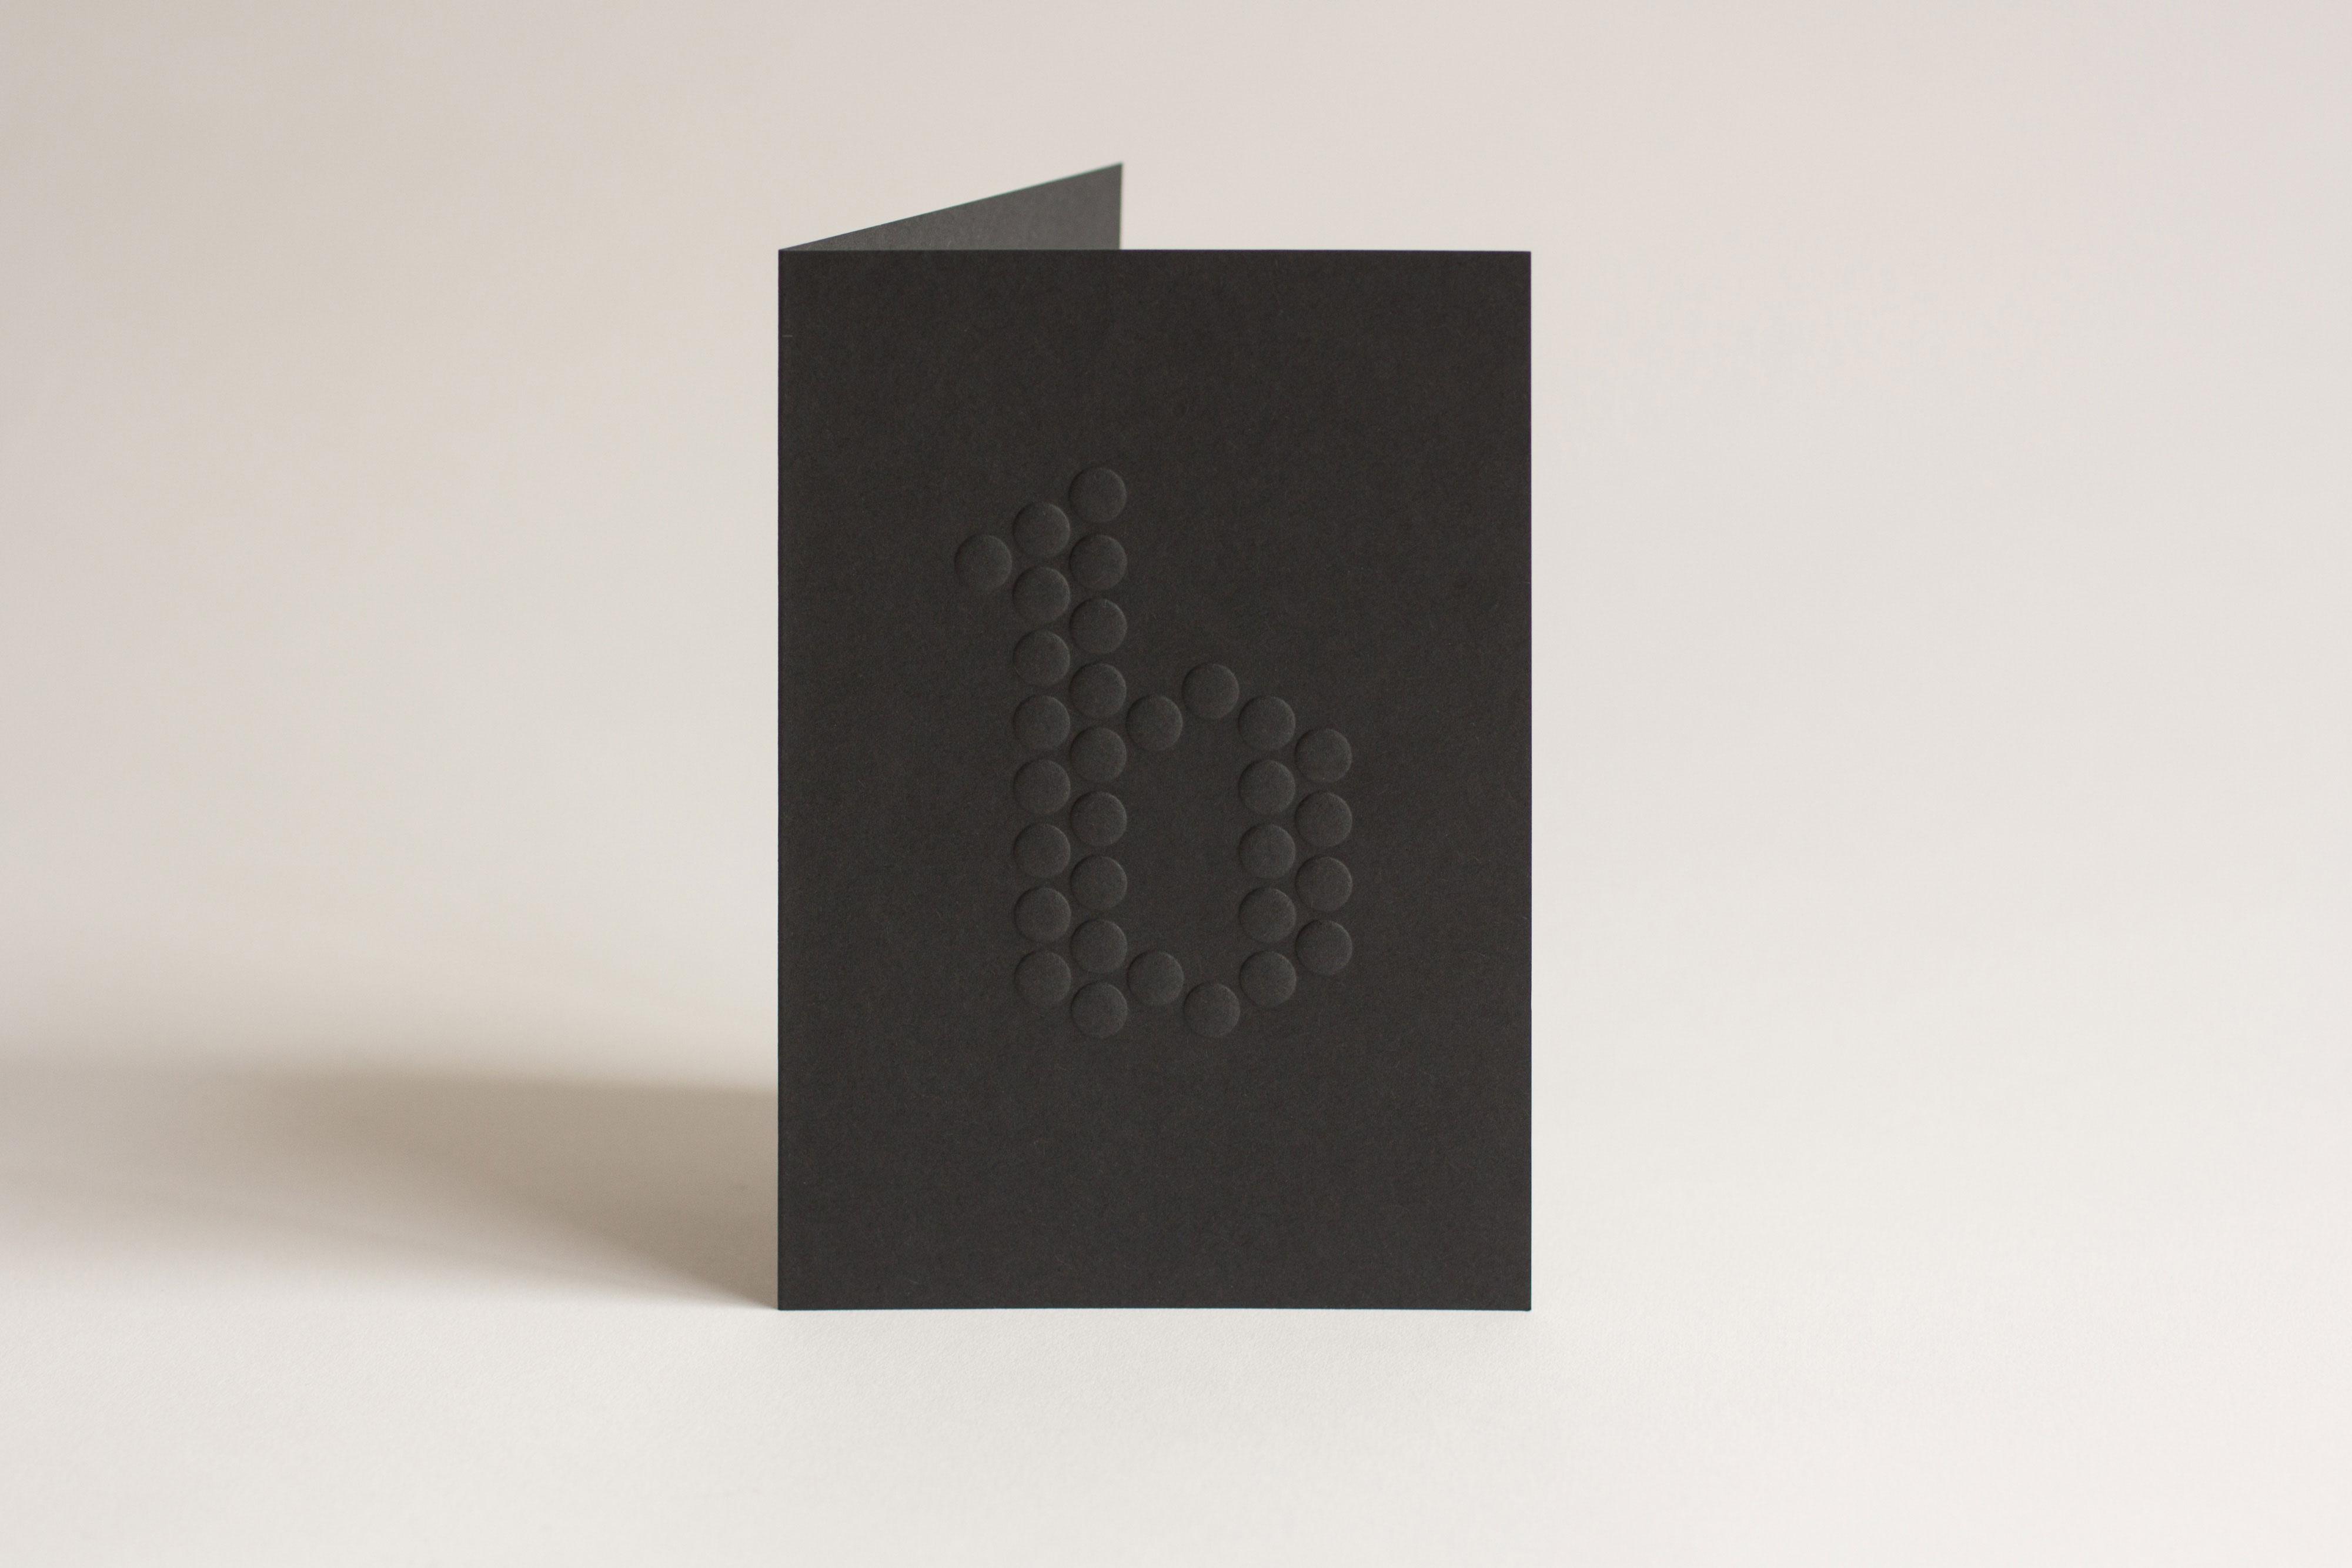 Benwells_card_10